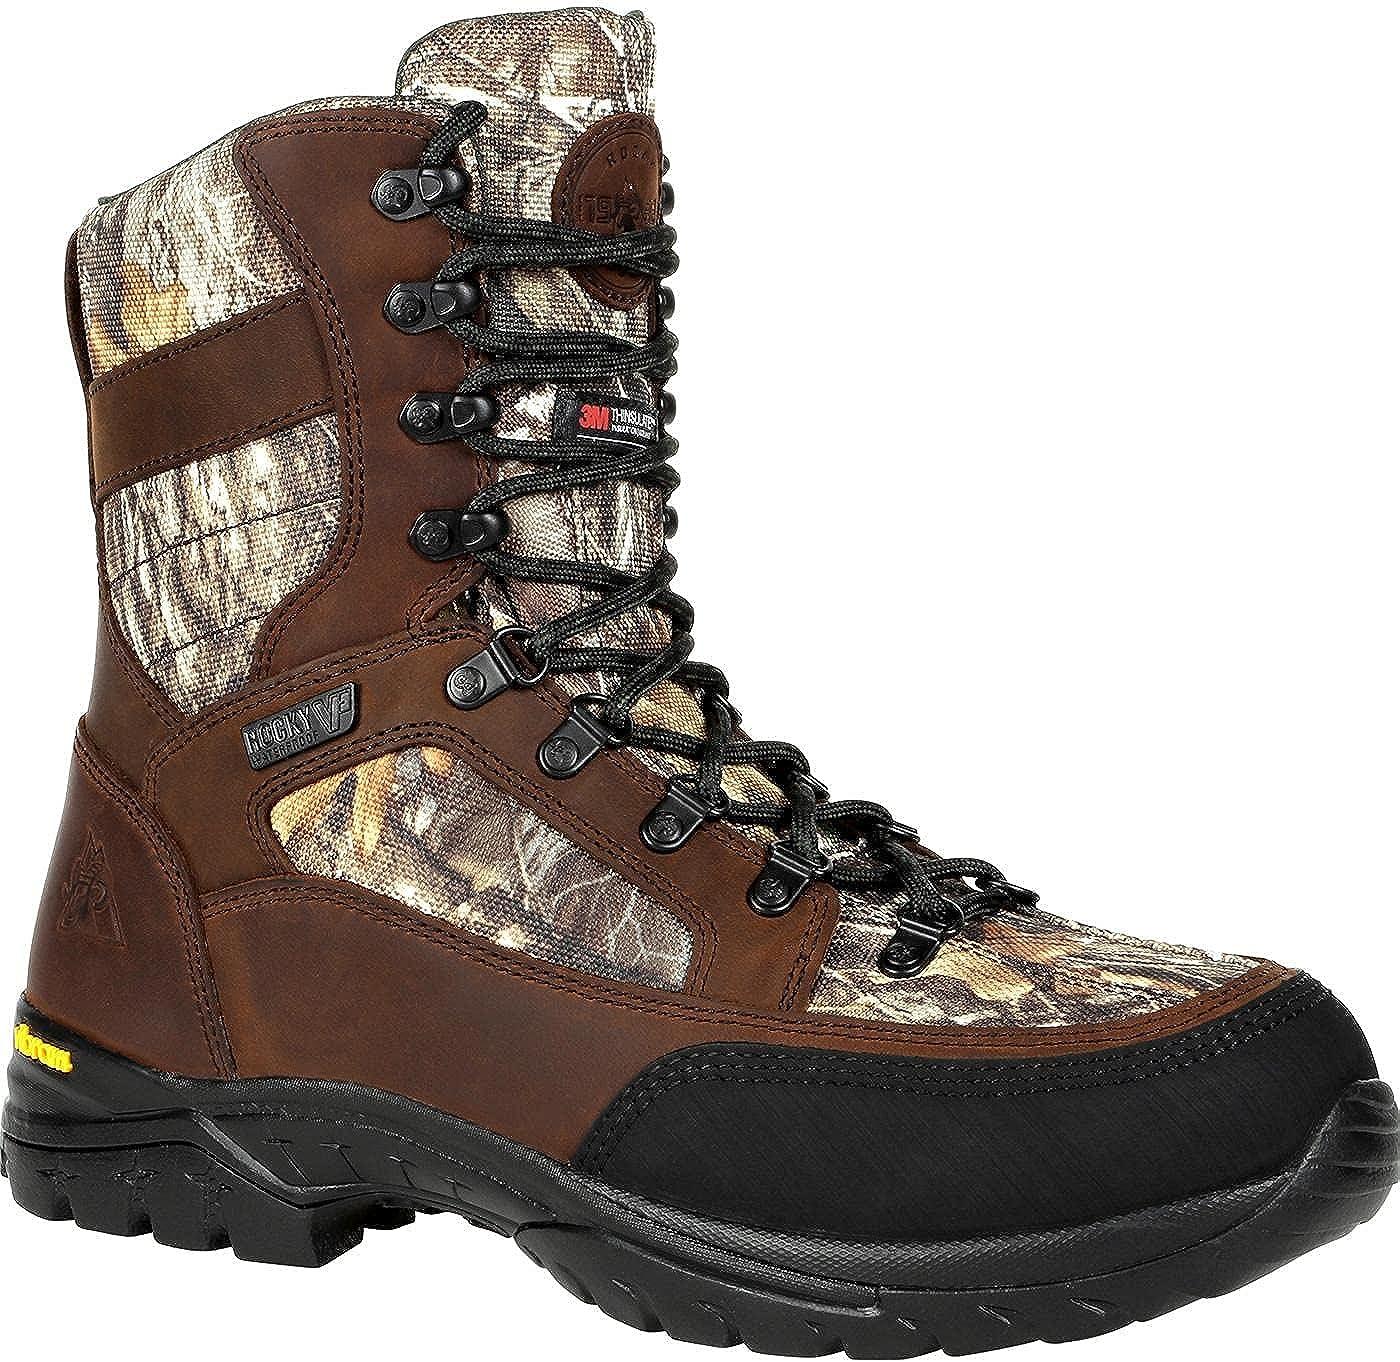 Rocky Deerstalker Sport 400G Outdoor Waterproof Boot Insulated New sales Beauty products